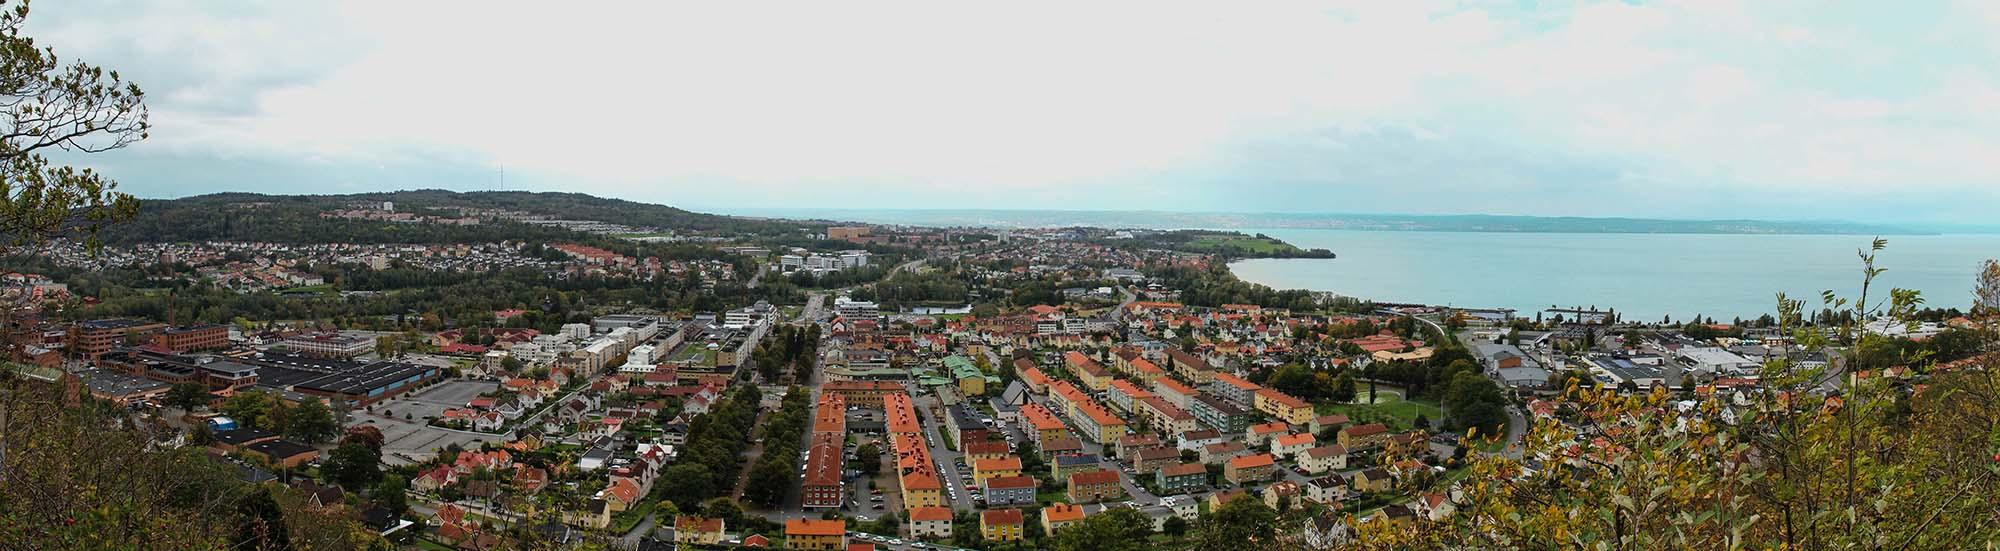 Utsikten – Huskvarna och Jönköping